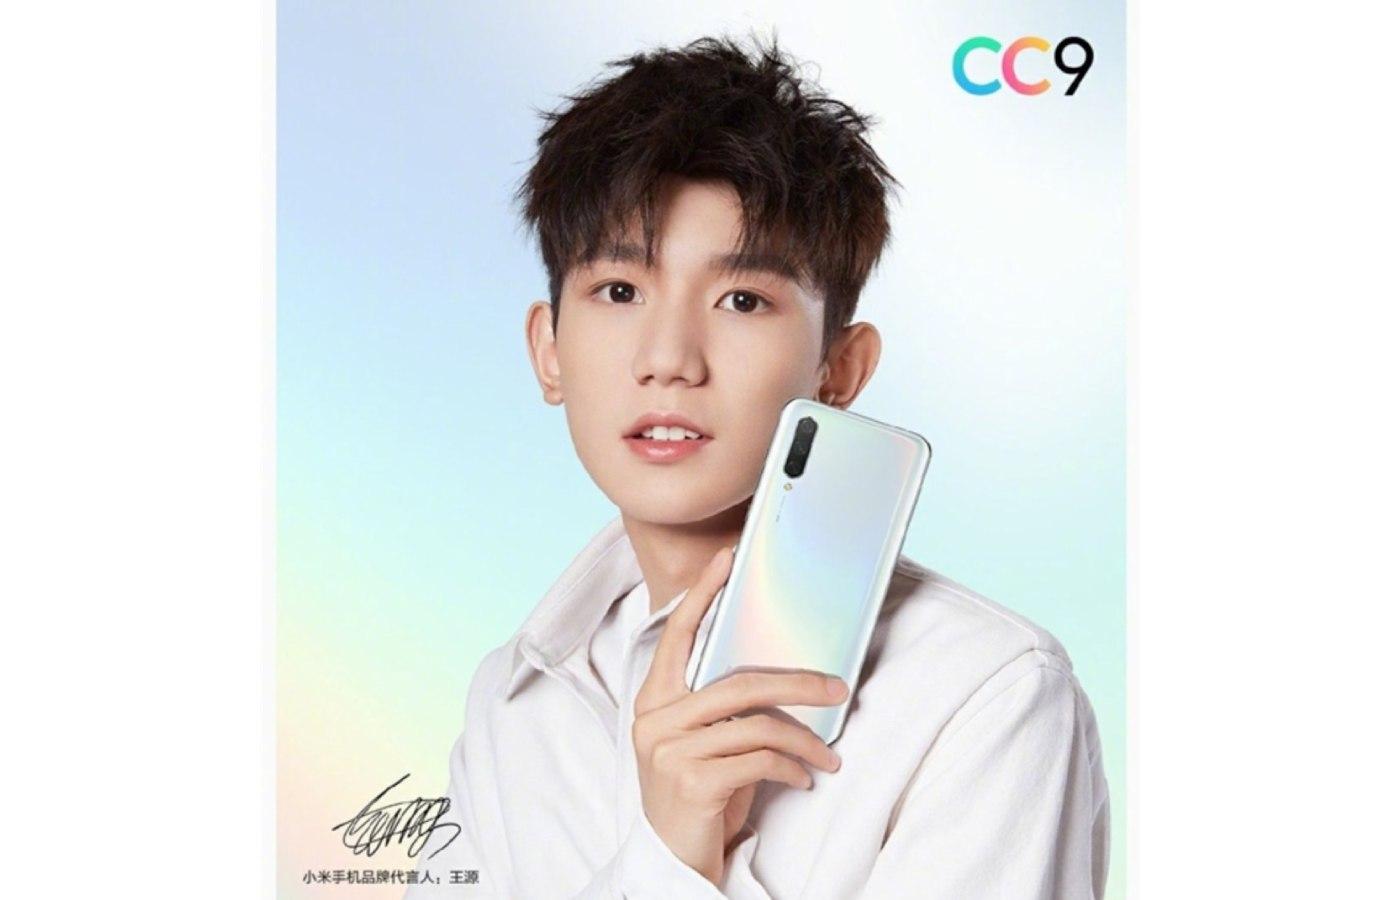 CC9: So sieht das neue Xiaomi-Smartphone aus